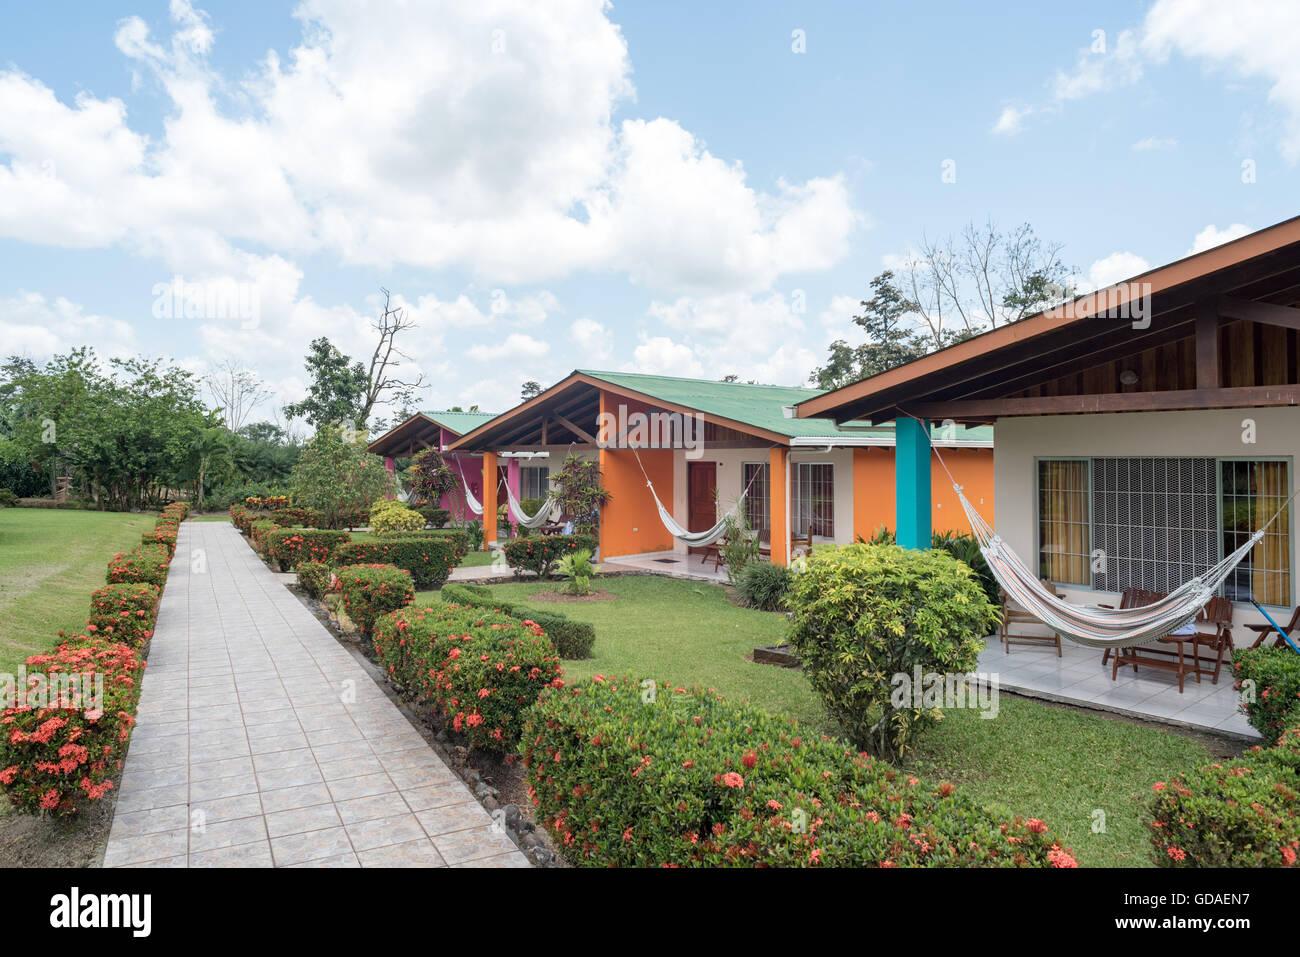 Costa Rica, Alajuela, San Carlos, Alojamiento en La Fortuna. Imagen De Stock